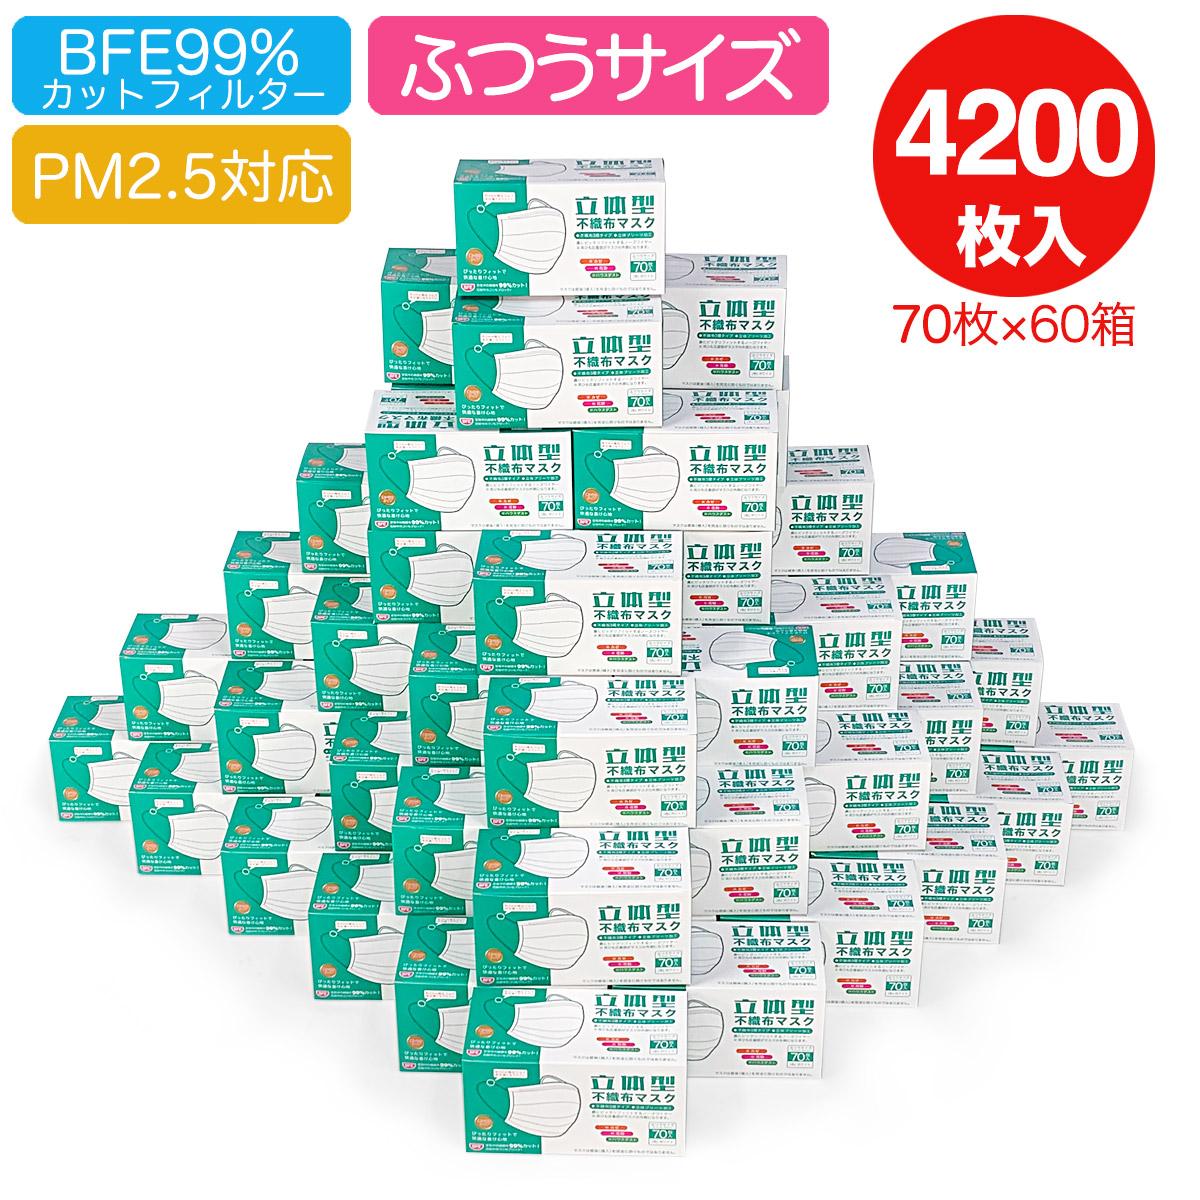 業務用マスク 箱 在庫あり 4200枚 使い捨てマスク ふつうサイズ ウイルス対応 不織布マスク 国内 BFE PFE VFE PM2.5 送料無料